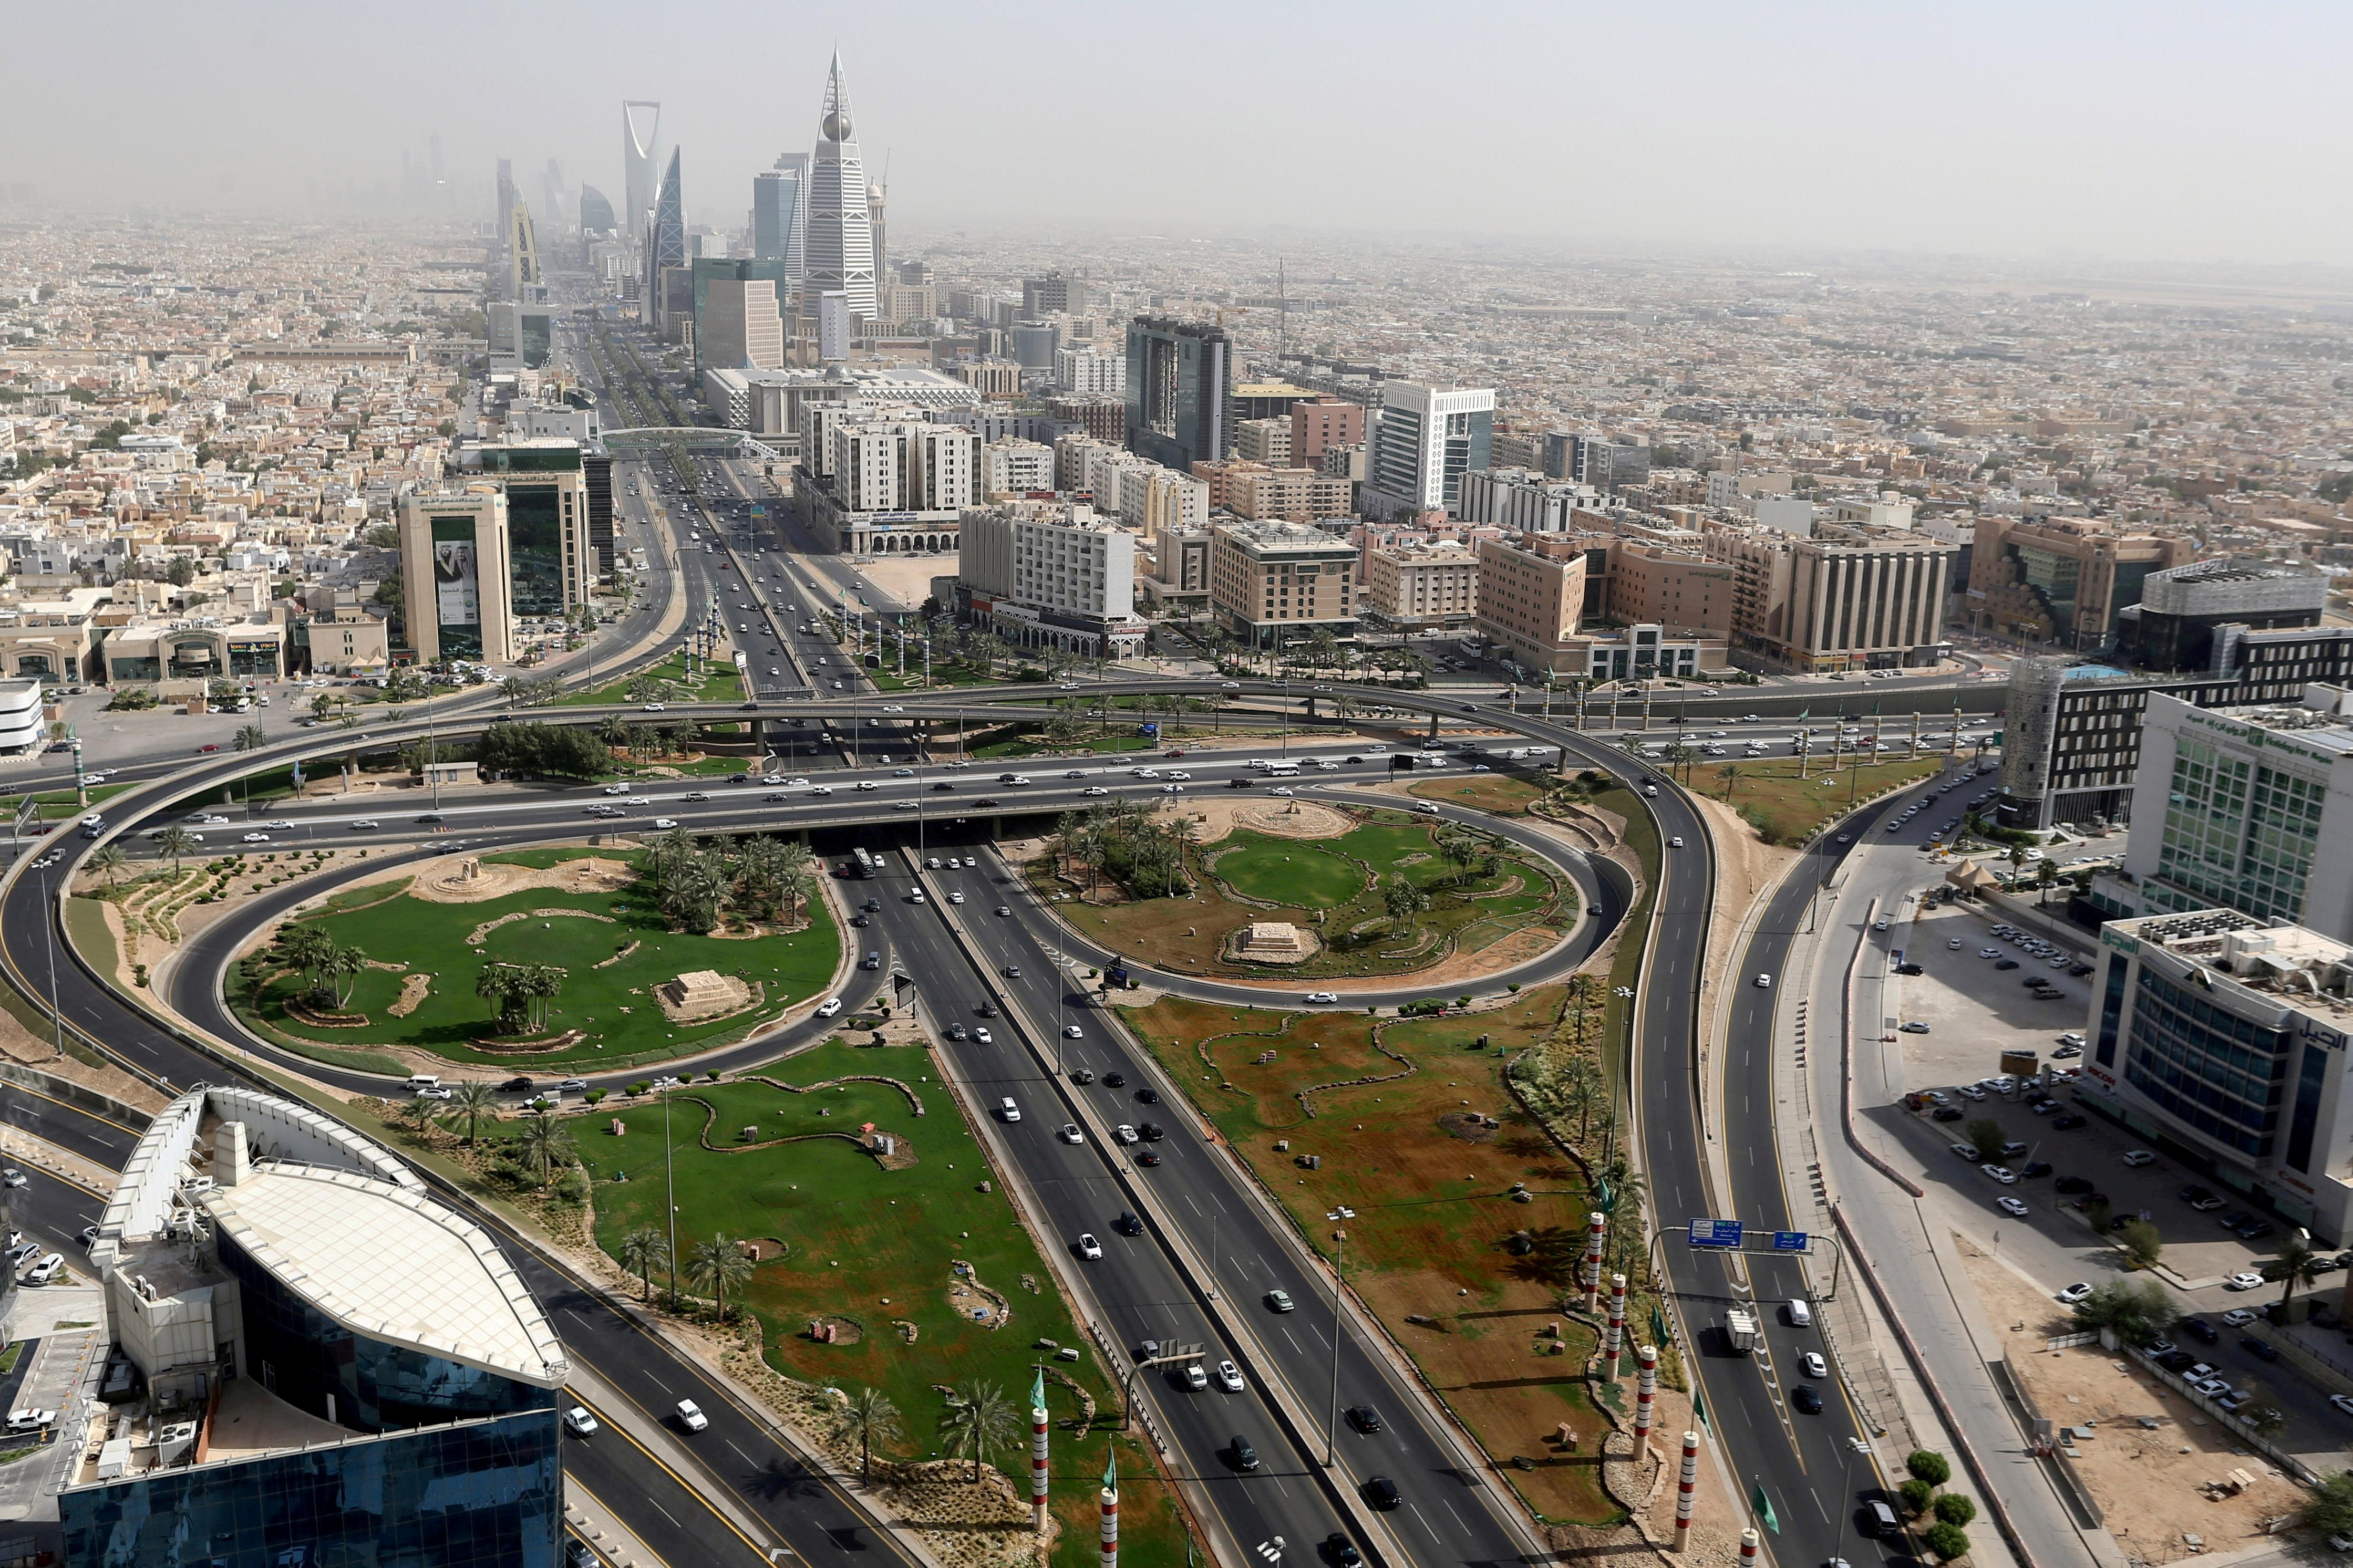 General view in Riyadh, Saudi Arabia, June 21 2020. REUTERS/Ahmed Yosri